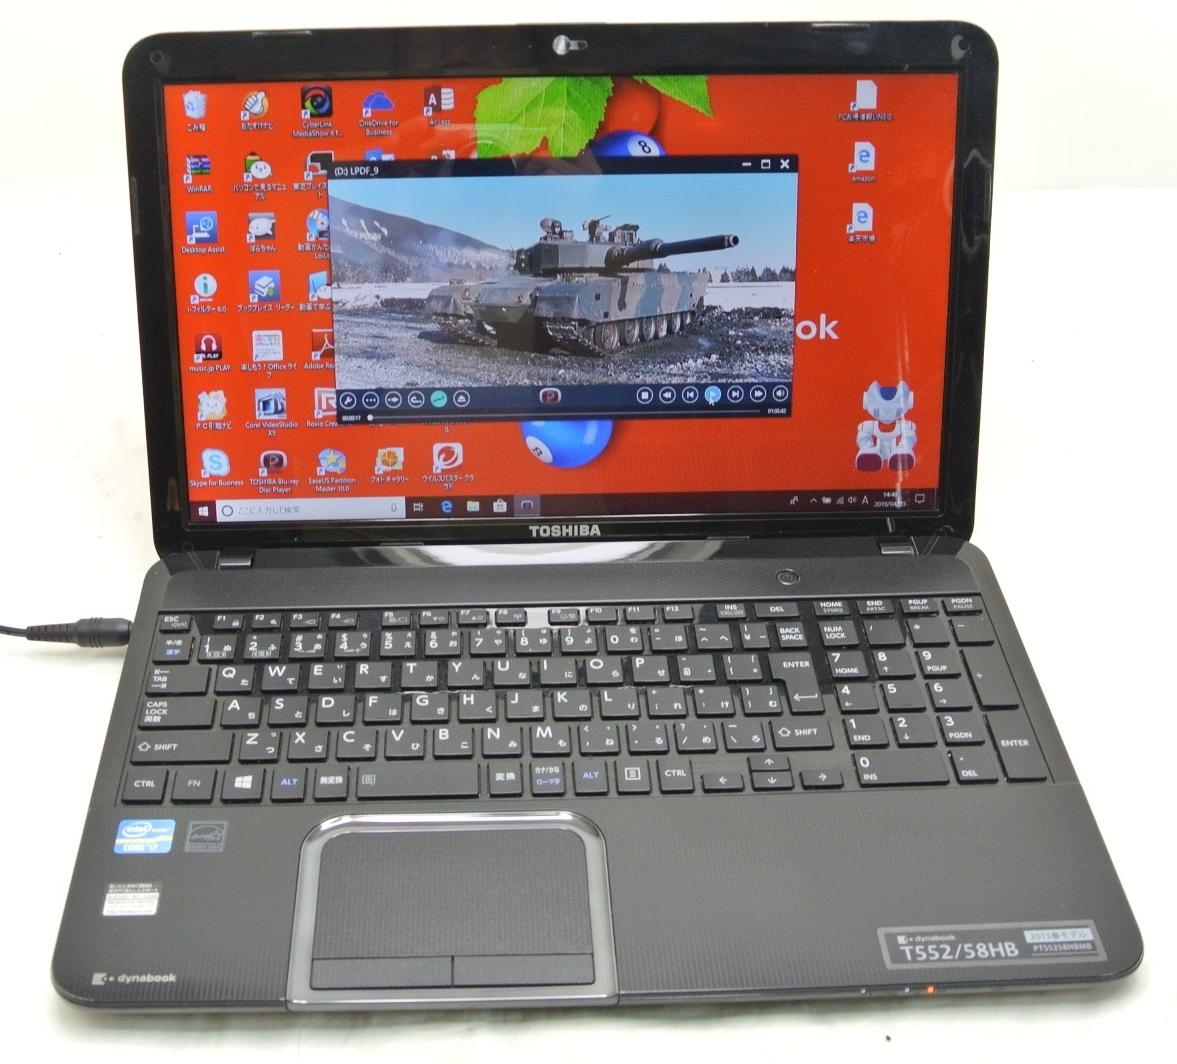 爆速SSD500G仕様 TOSHIBA T552/58HB 黒/i7-3630QM/8G/新SSD500G/ブルーレイRE/無線・USB3.0/Win10/office2016/ゲーム・映画・事務作業_画像3